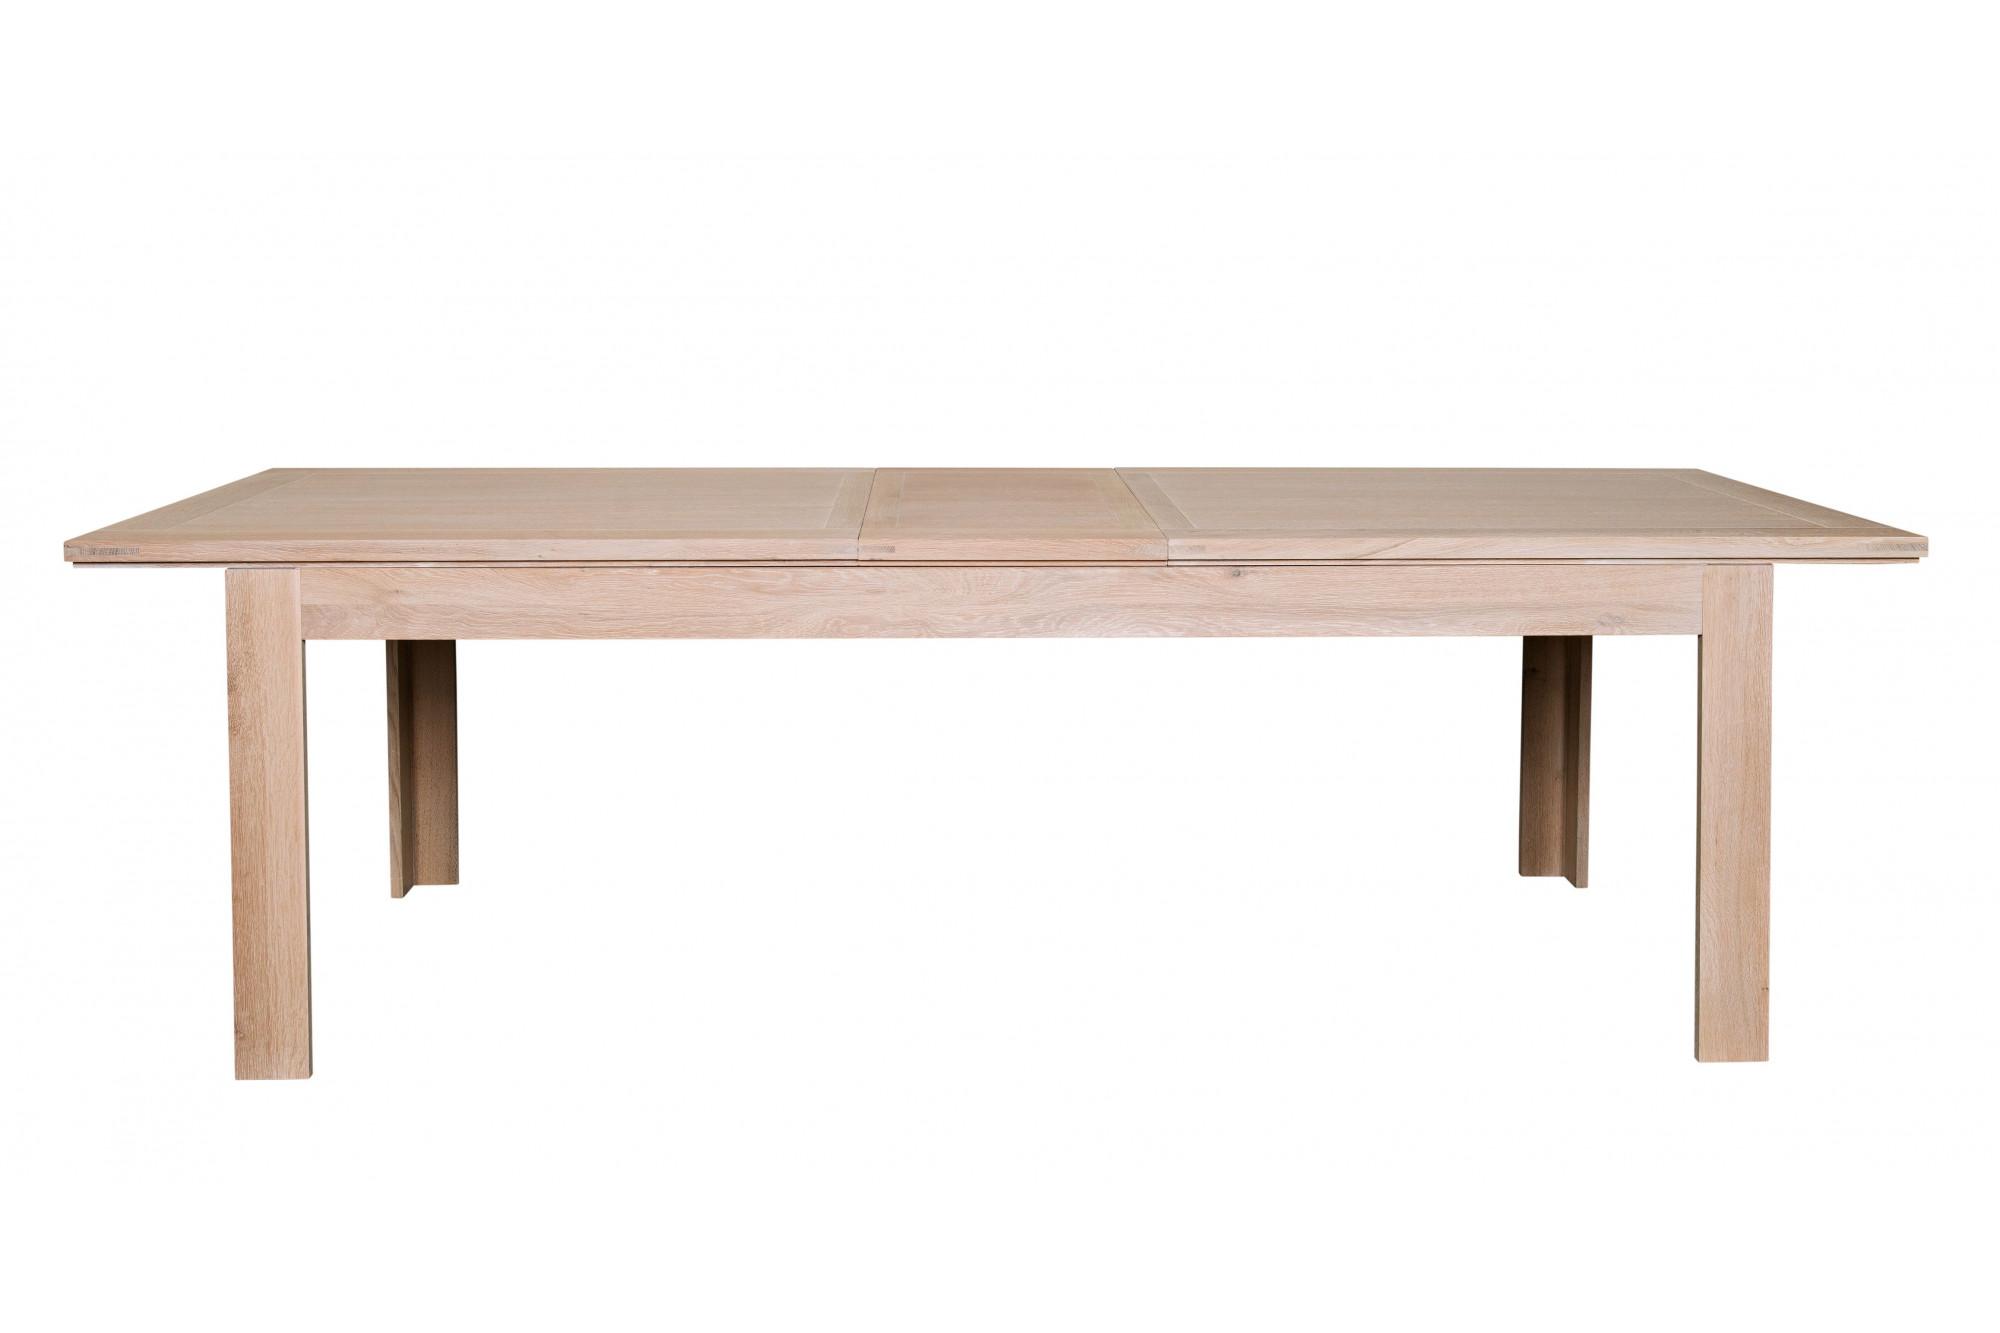 2a8272e9e0b6b Table moderne extensible BOSTON - bois chêne blanchi massif. Appuyez pour  agrandir